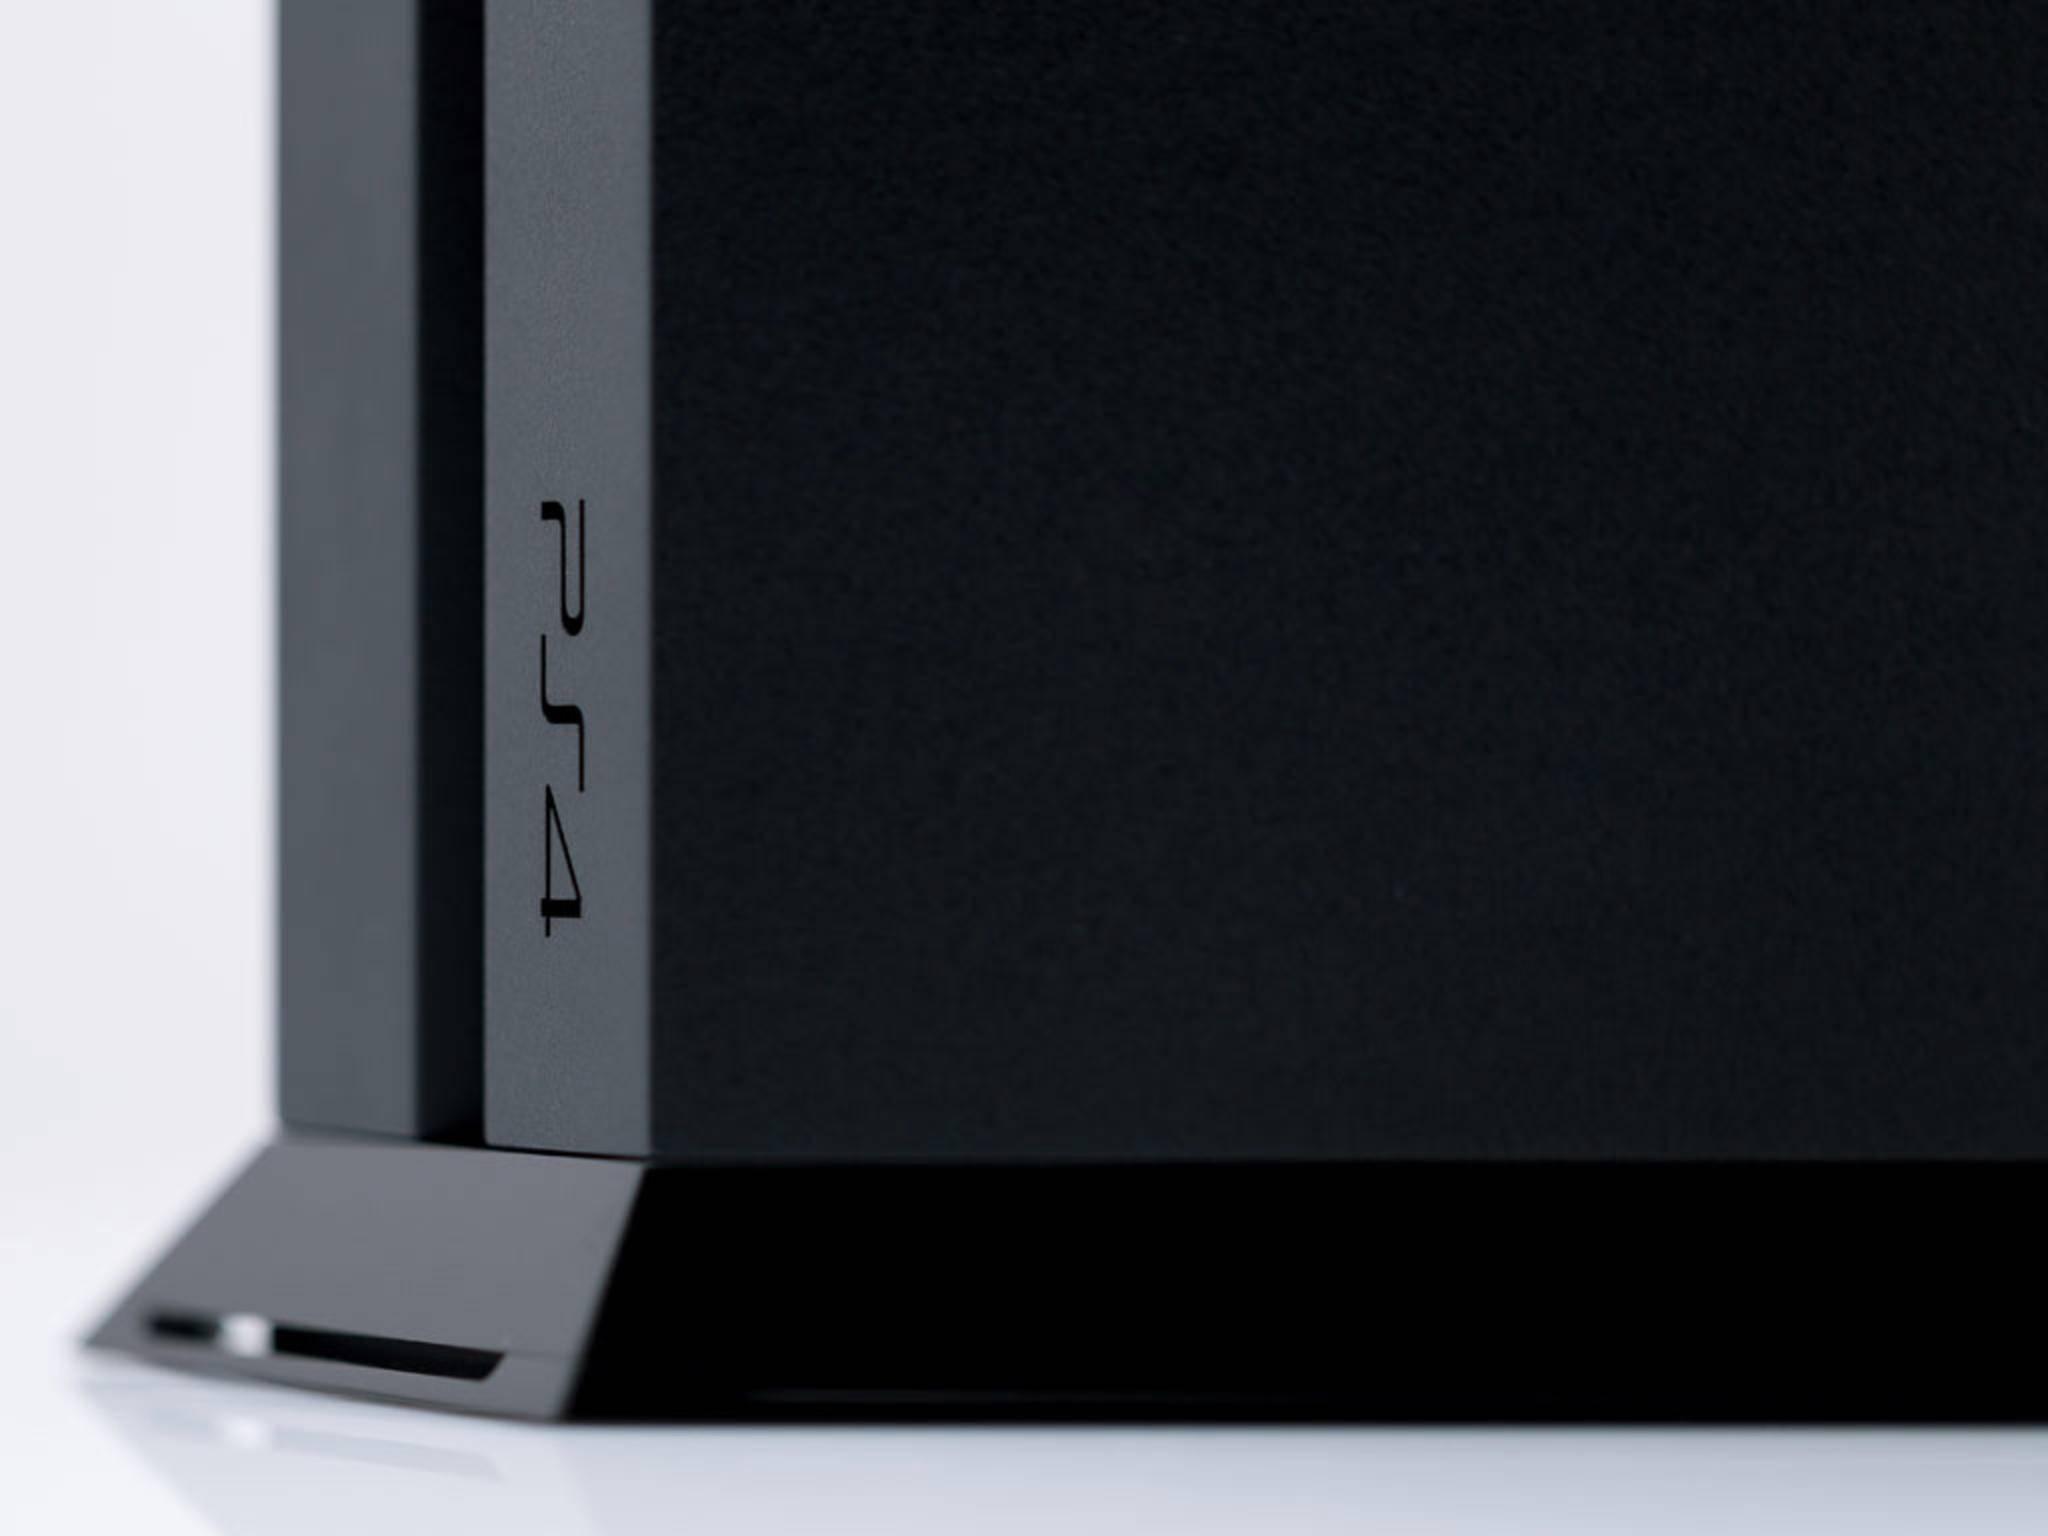 Die PS4 kann mit einem Trick gleichzeitig mit dem TV angeschaltet werden.